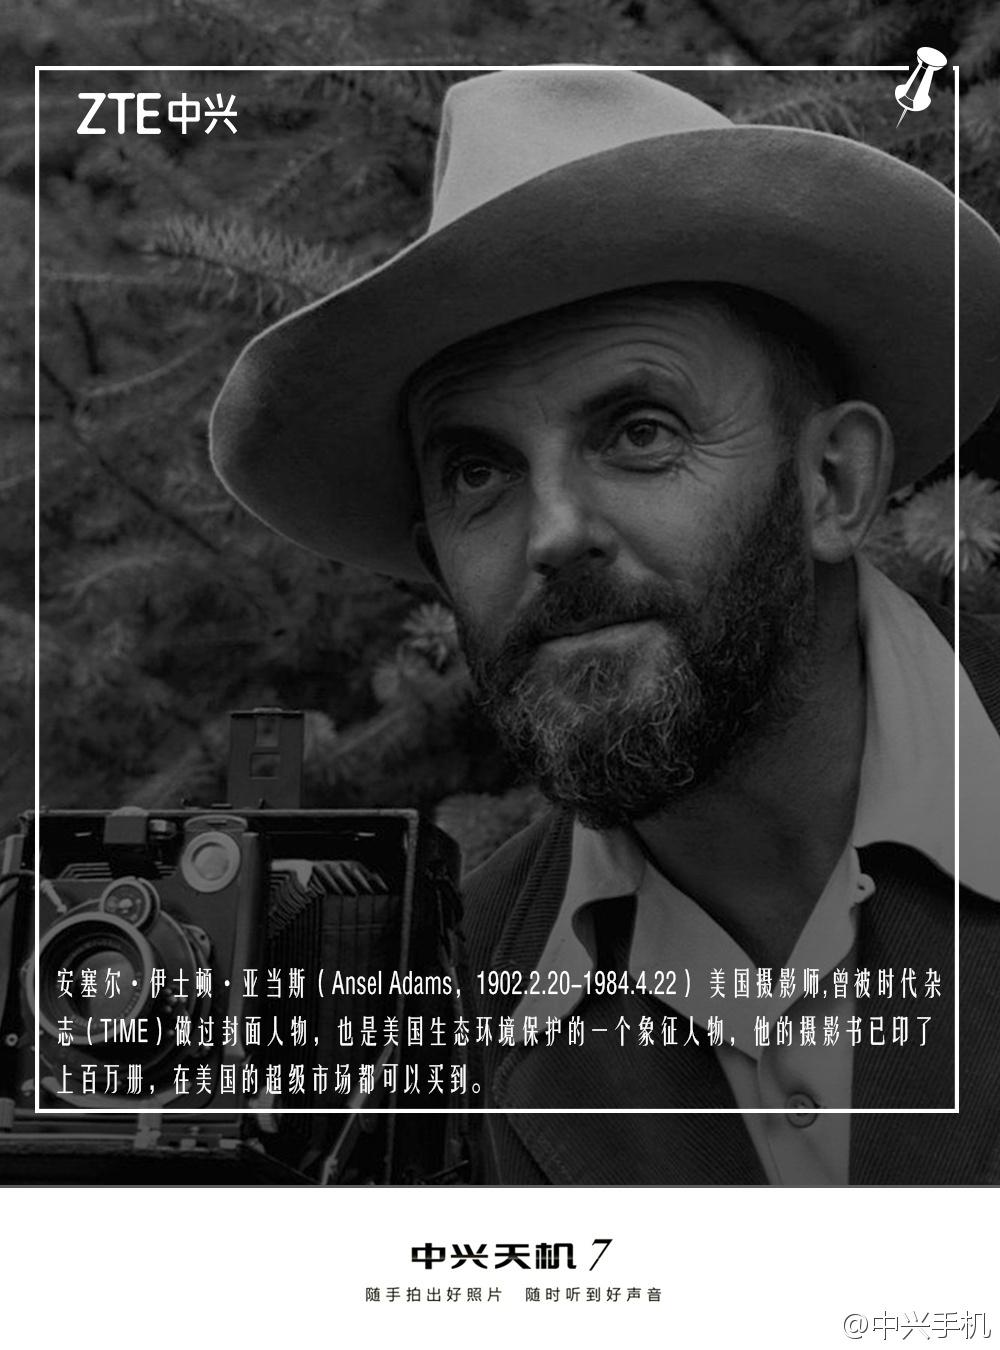 安塞尔·亚当斯是美国摄影师,美国生态环境保护的一个象征人物